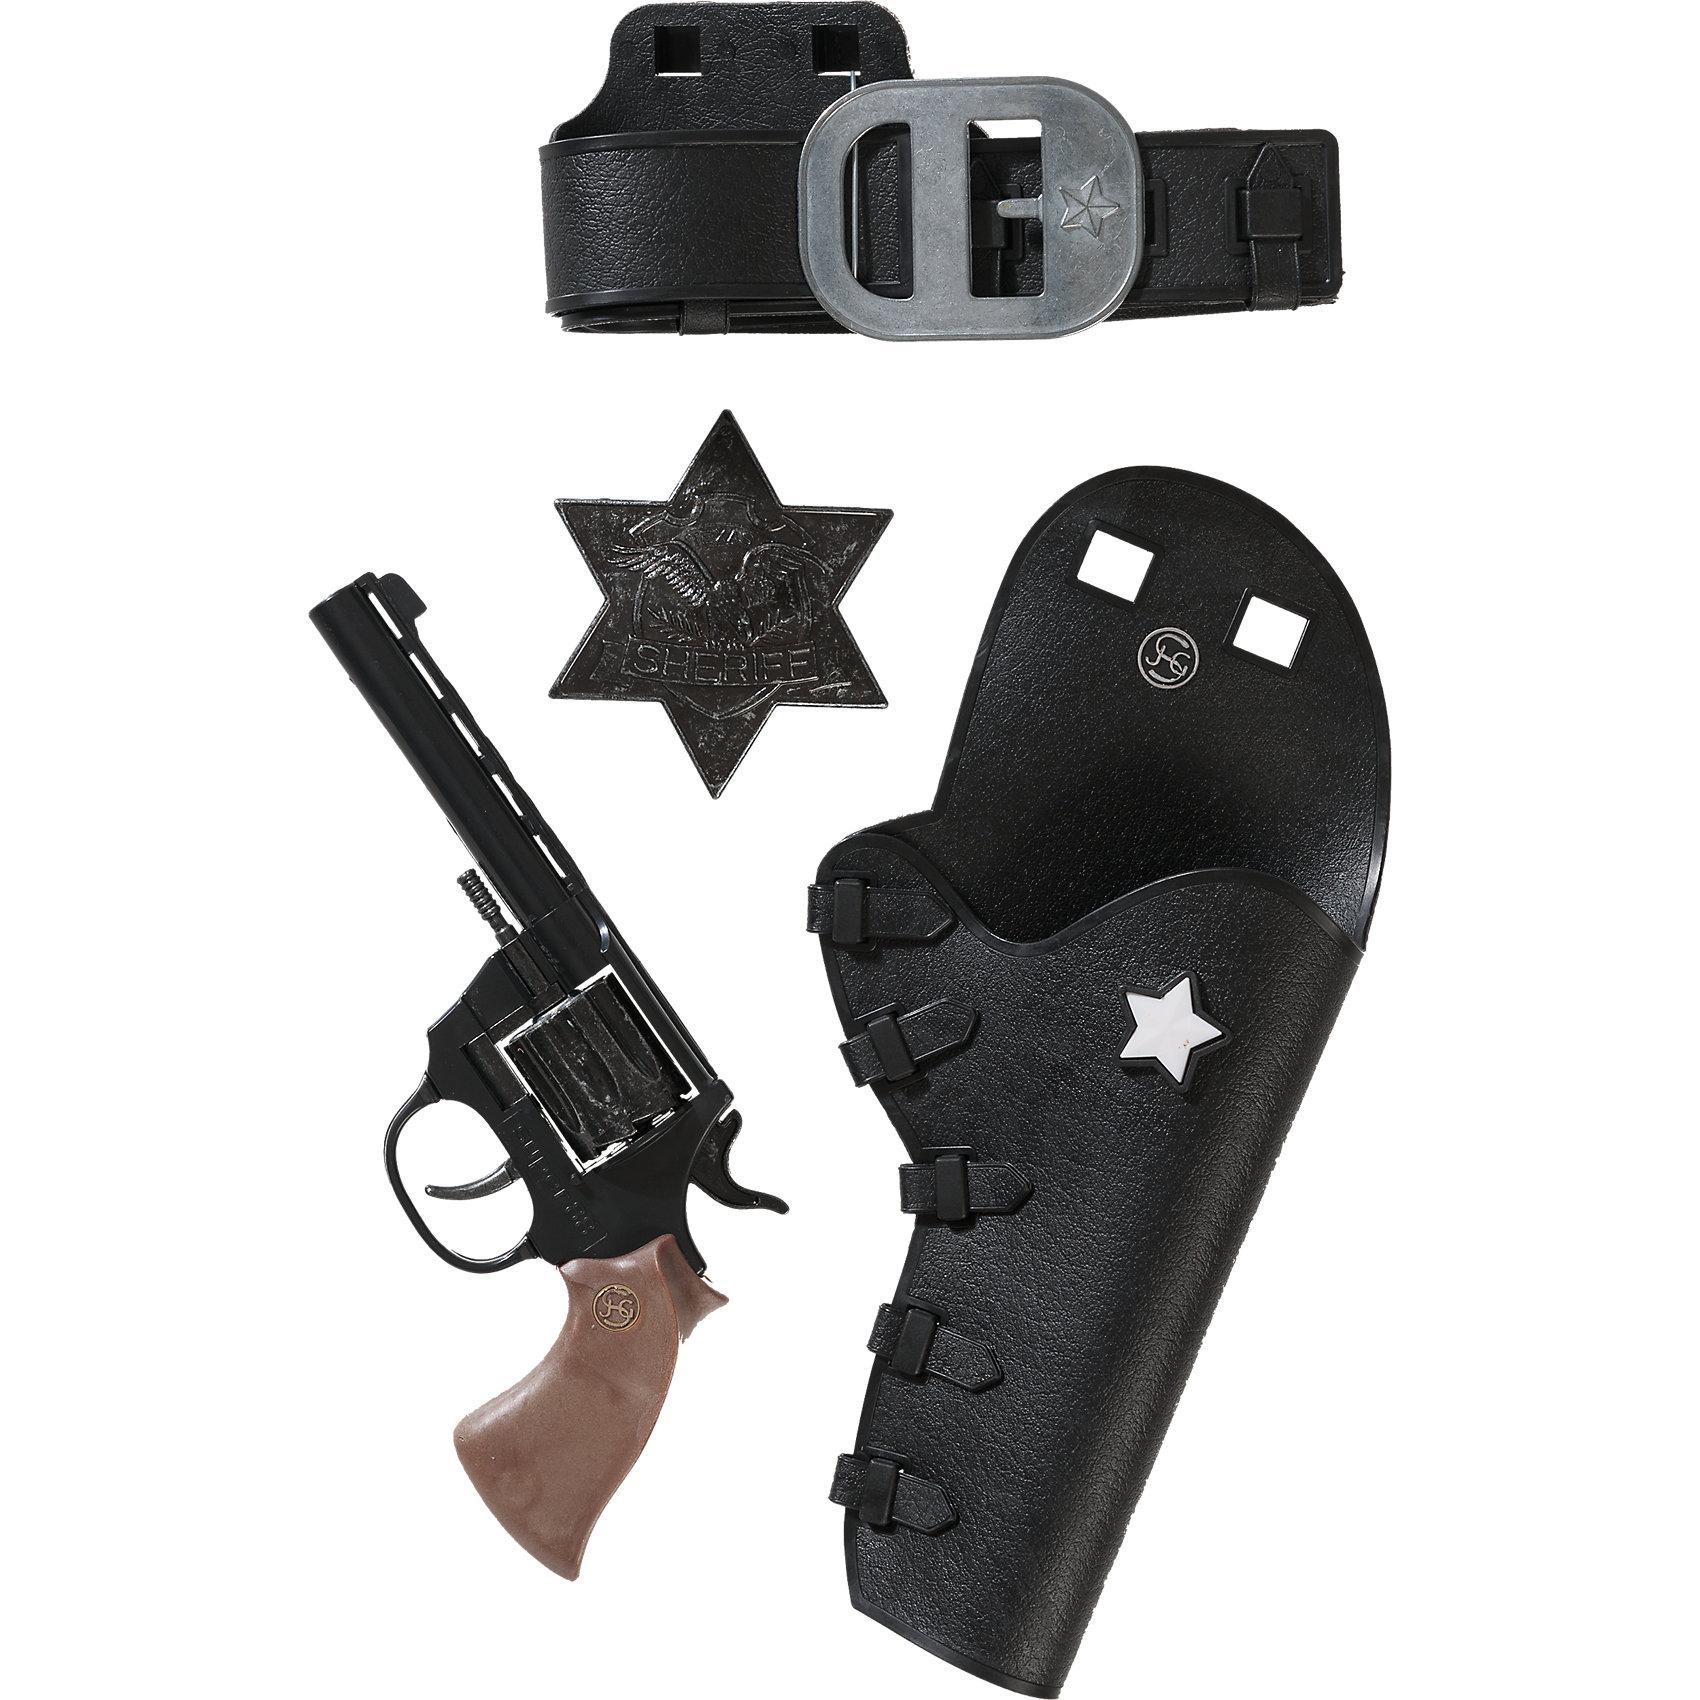 Набор Дикий Запад с пистолетом Super 88,  SchrodelНабор Дикий Запад с пистолетом Super 88,  Schrodel (Шрёдел) – этот игровой набор отличный подарок для вашего мальчика.<br>Дикий Запад — неспокойное место, и кто-то должен защищать местных жителей и прекрасных леди! Набор «Дикий запад с пистолетом Super 88 - это отличная возможность стать шерифом в маленьком американском городе. Любому мальчику этот набор будет по душе. Он создан немецким брендом Schrodel (Шрёдел), который специализируется на выпуске высококачественных пистолетов, ружей и винтовок для детей. Продукция немецкой компании Schrodel соответствует всем нормам безопасности и качества.<br><br>Дополнительная информация:<br><br>- В наборе: пистолет, кобура, ремень и звезда шерифа<br>- Ёмкость магазина: 8 зарядов<br>- Материал: металл, пластик<br>- Размер упаковки: 28х30х6 см.<br>- Пистоны приобретаются отдельно<br>- Внимание! Заранее внимательно изучите инструкцию и соблюдайте меры безопасности<br><br>Набор Дикий Запад с пистолетом Super 88,  Schrodel (Шрёдел) можно купить в нашем интернет-магазине.<br><br>Ширина мм: 308<br>Глубина мм: 279<br>Высота мм: 71<br>Вес г: 455<br>Возраст от месяцев: 72<br>Возраст до месяцев: 168<br>Пол: Мужской<br>Возраст: Детский<br>SKU: 3757109